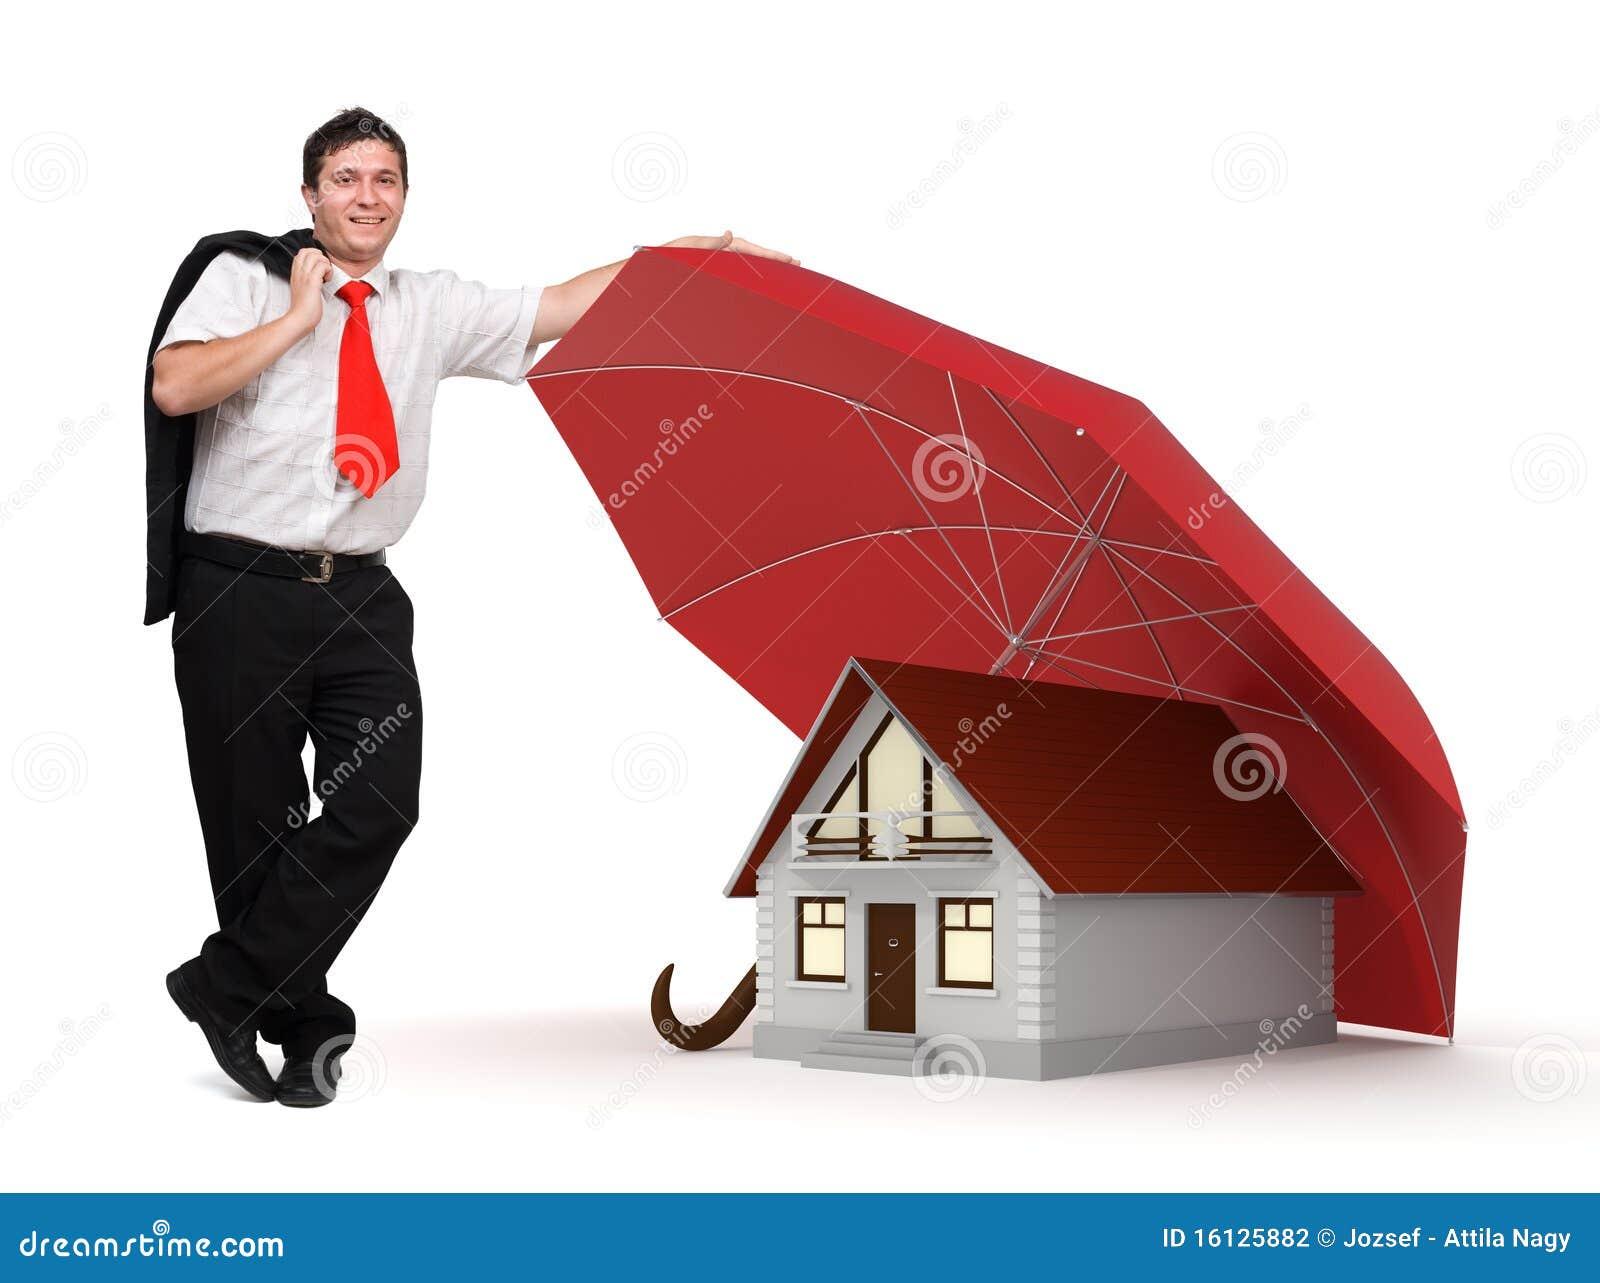 Seguro da casa homem de neg cio guarda chuva vermelho - Seguros para casas ...